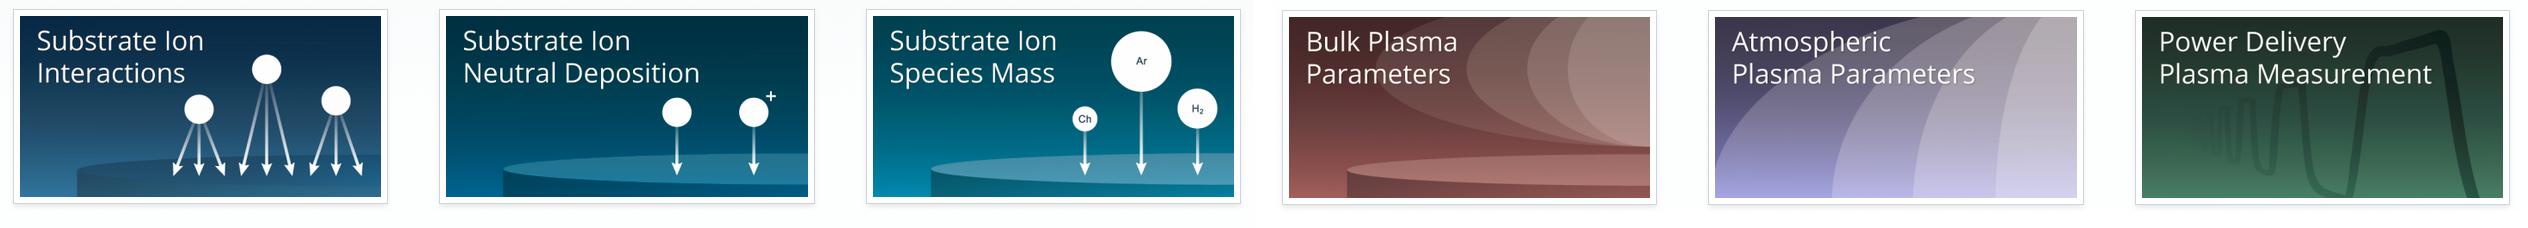 Plasma Measurementation